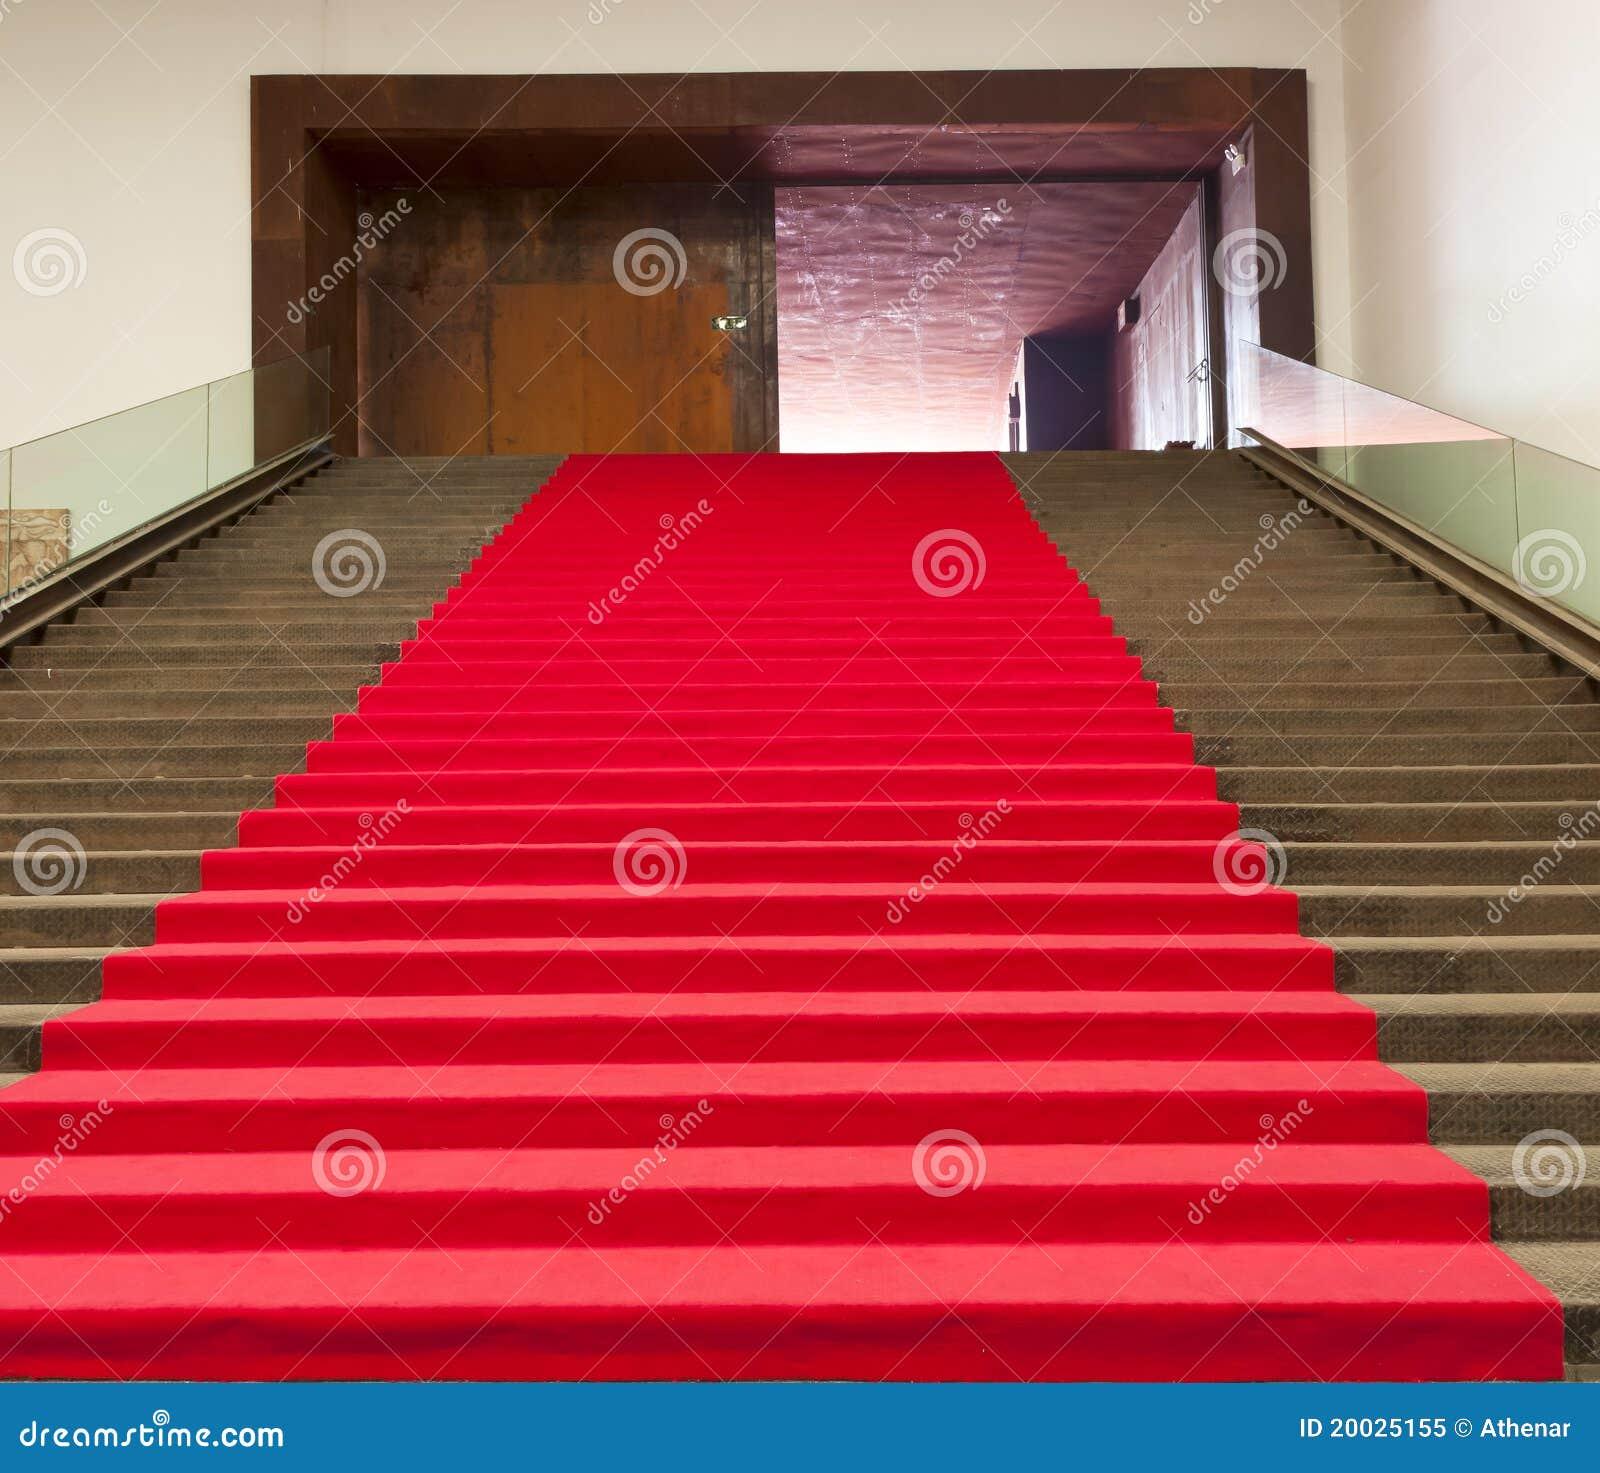 Escaleras cubiertas con la alfombra roja foto de archivo for Alfombra persa roja